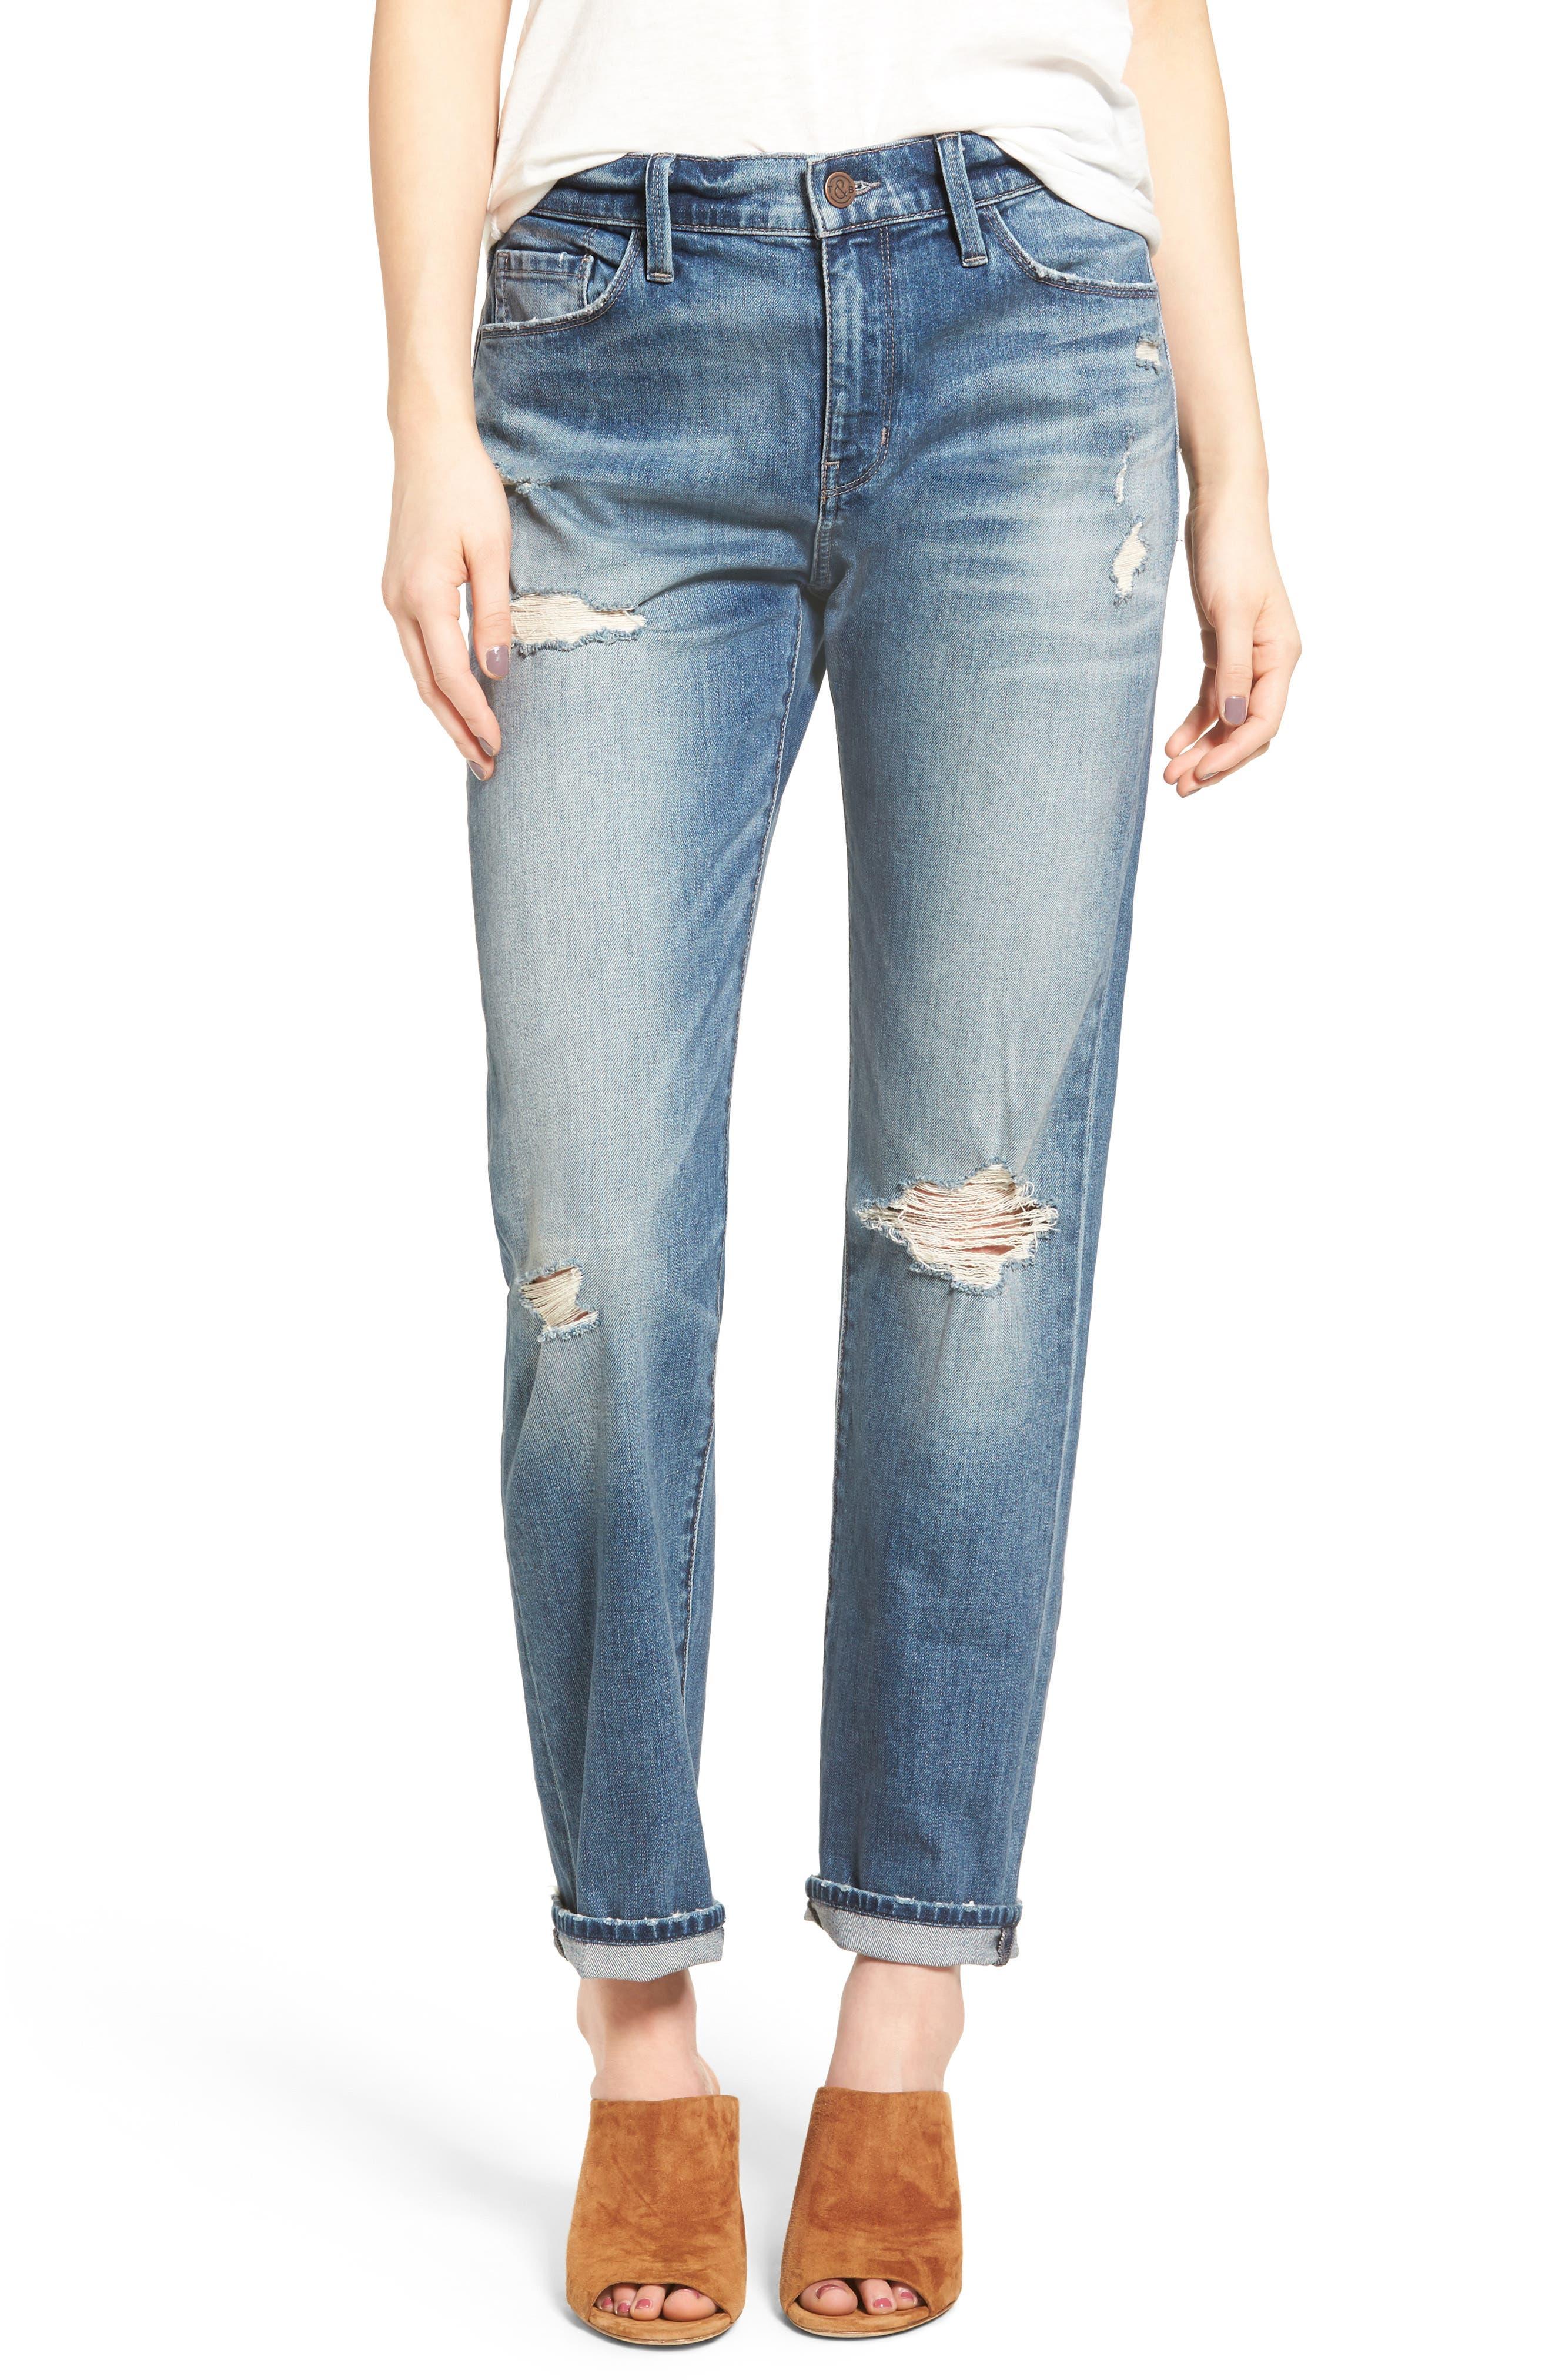 Main Image - Treasure & Bond Relaxed Jeans (Gravel Dusk Destroyed)